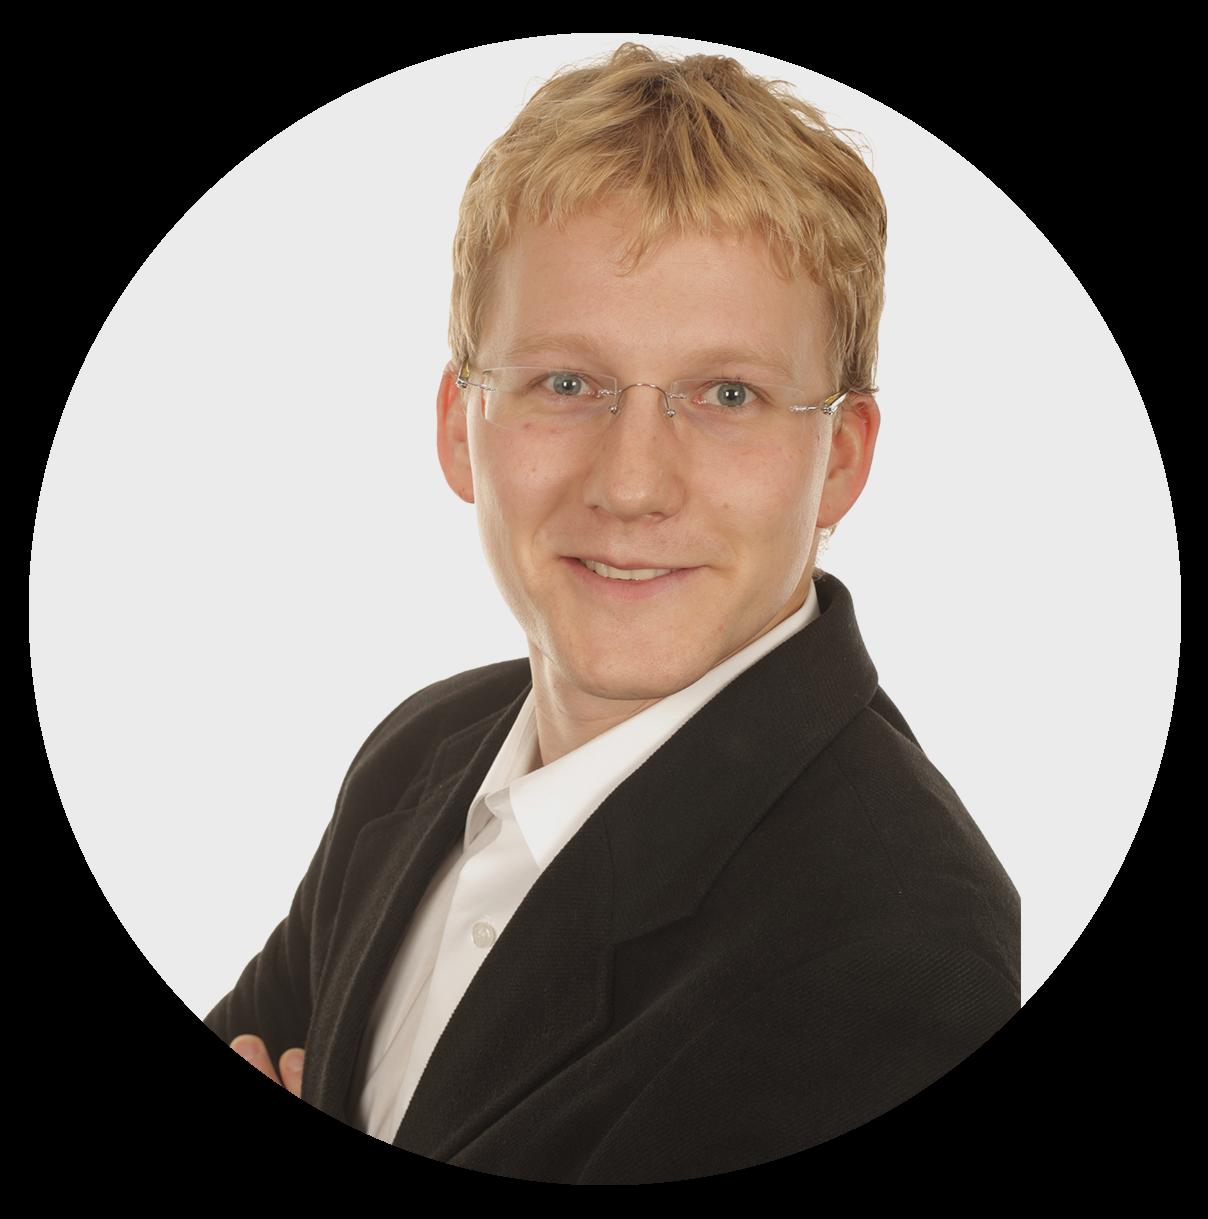 Thorsten Bux avatar